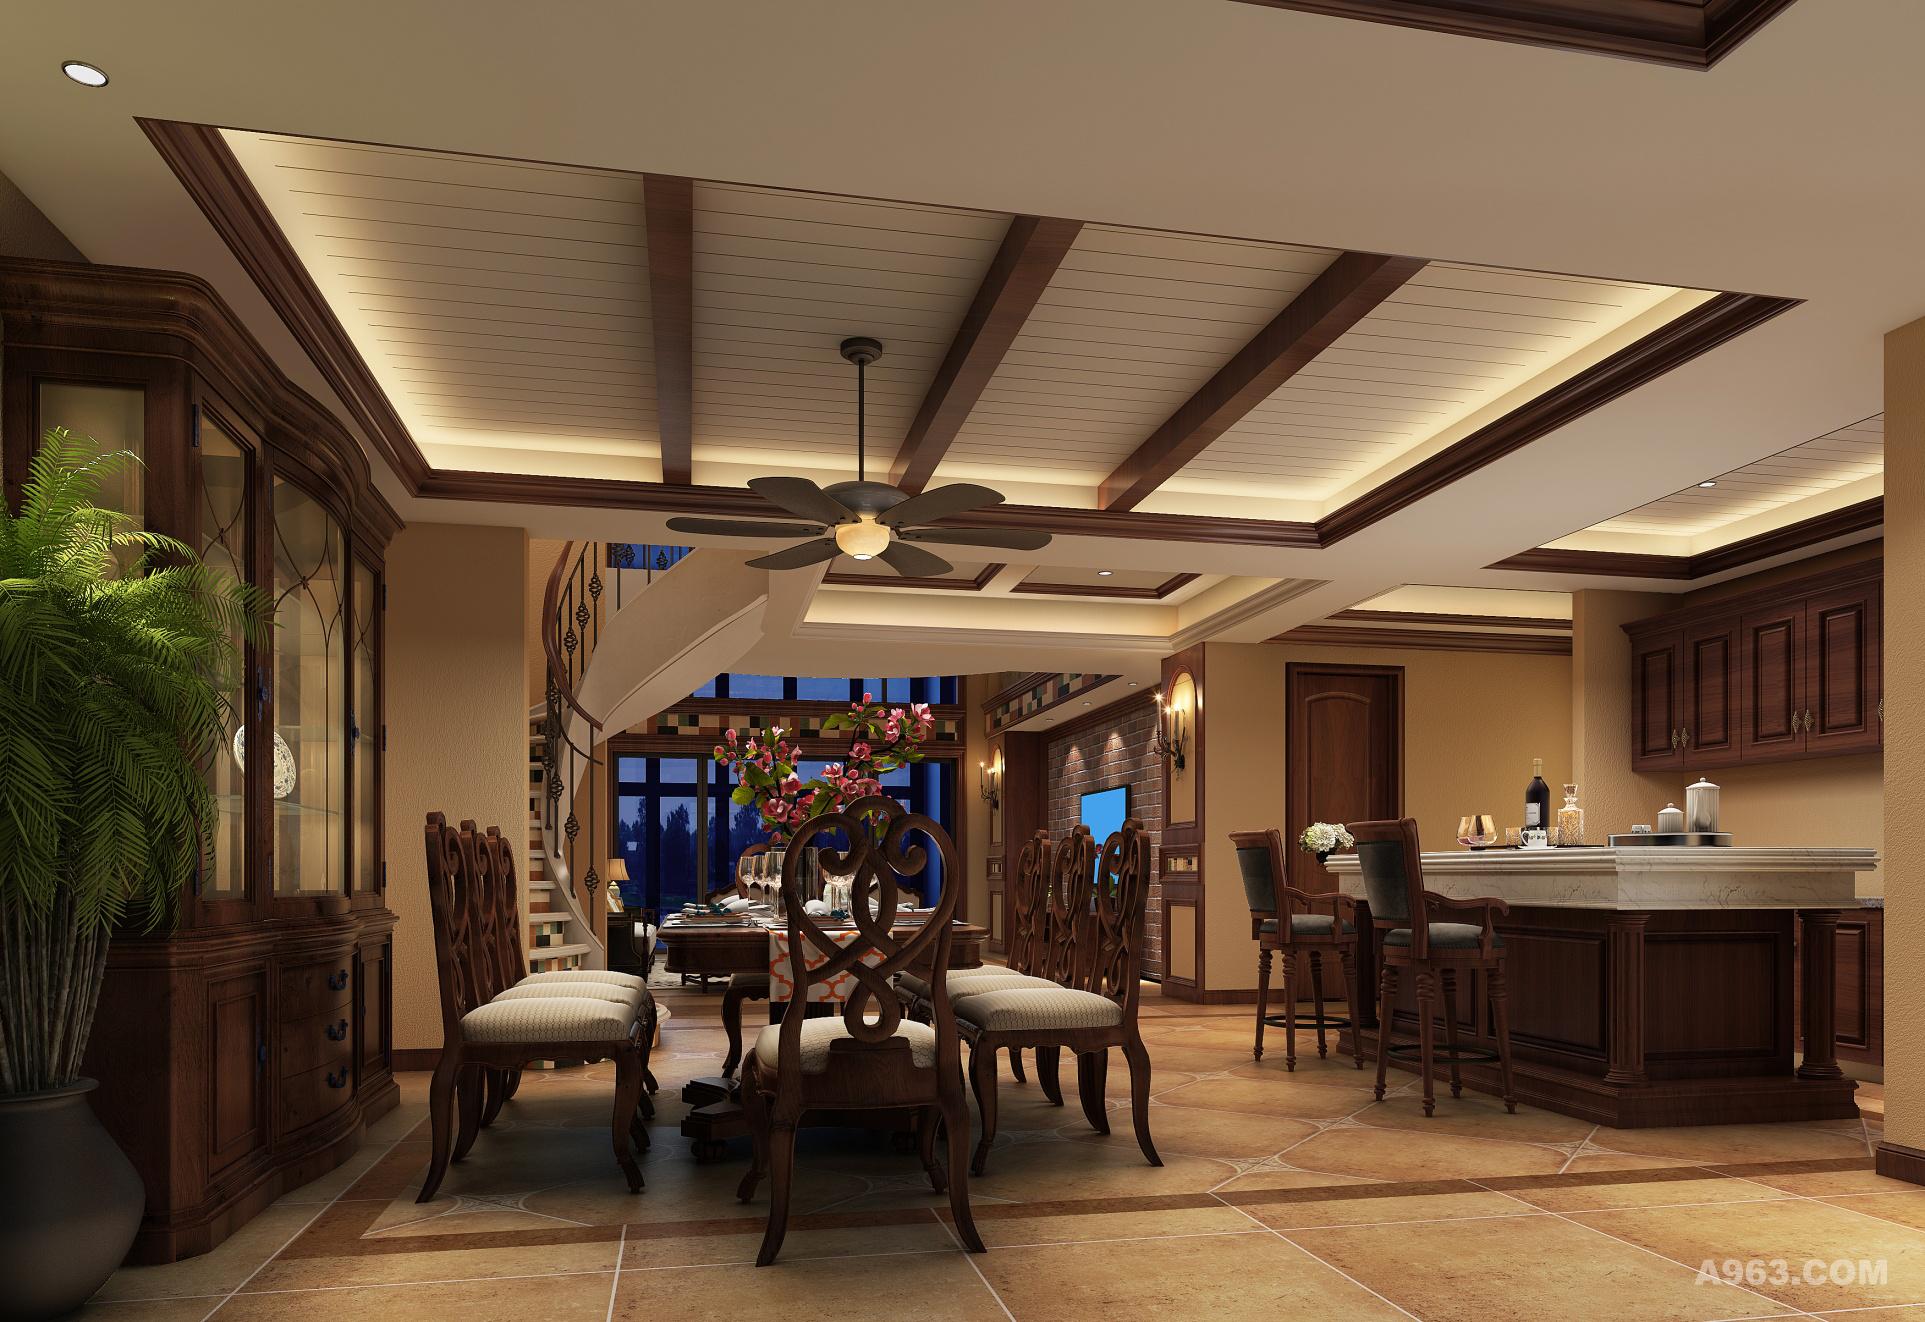 怀旧风格的餐桌,岛台,以及展示柜充满了美式的的味道,正宗的美式风格色彩,无论是地板还是餐桌都带着浓浓的怀旧风。木饰吊顶,铁艺吊扇,在这个每天家人团聚享受美食的地方,充满了温馨,浪漫 ,其乐融融的家庭氛围。